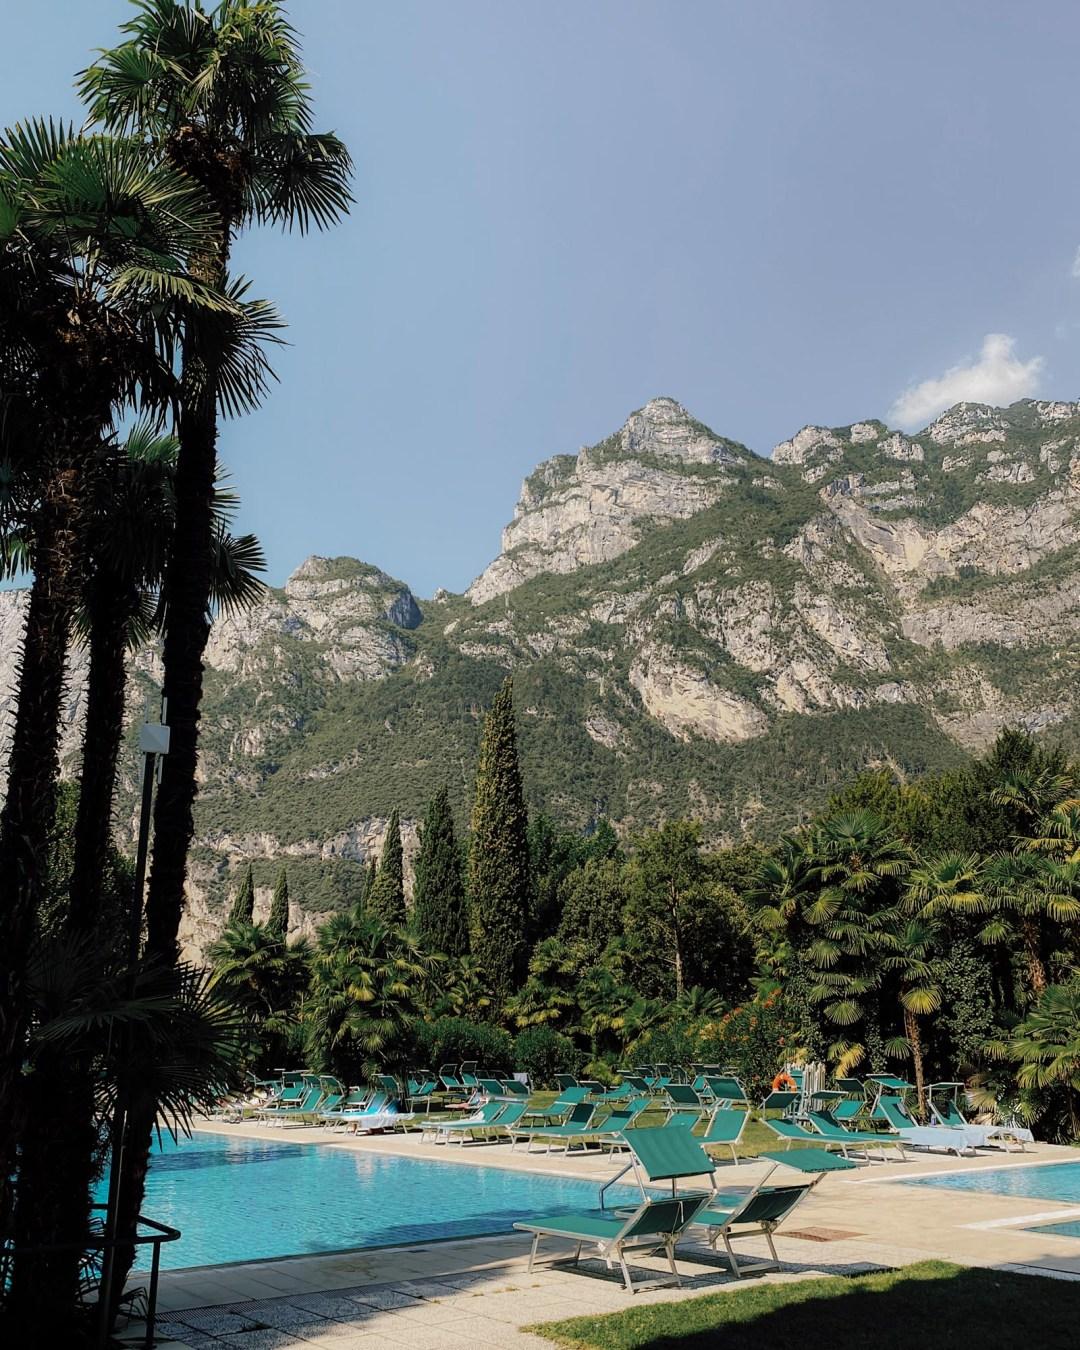 Inastil, Gardasee, Hotel Du Parc et Du Lac, Sommerstyle, Ü50Travelblogger, Riva del Garda, Urlaub, Auszeit, Sommerurlaub, Familienurlaub-84